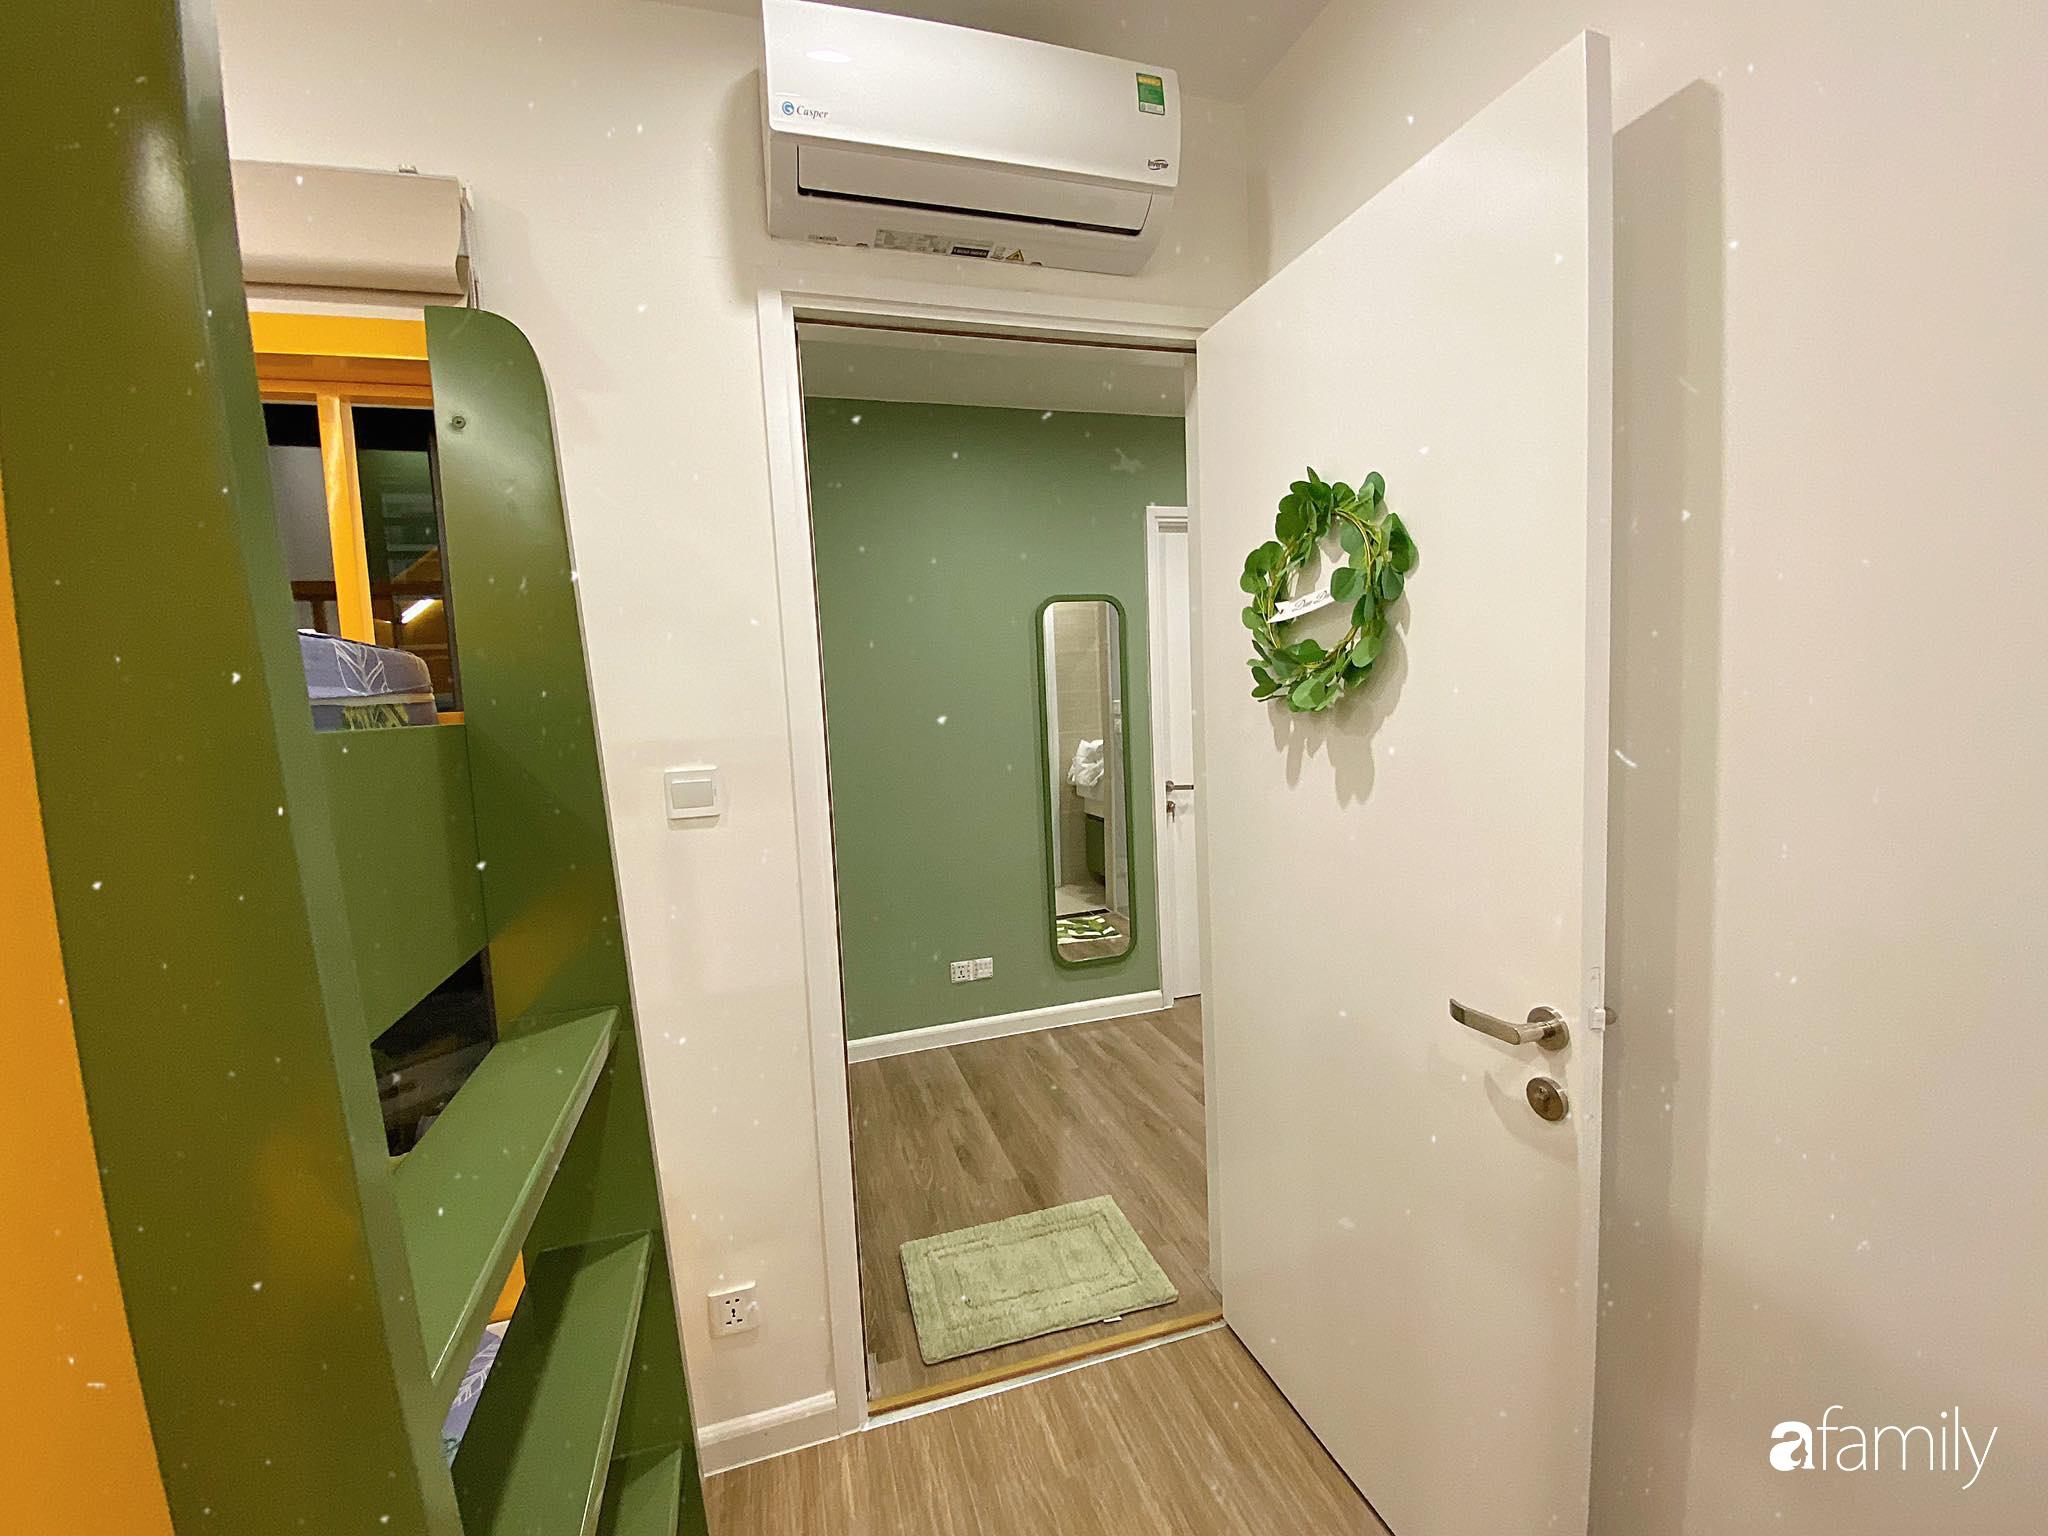 Căn hộ 59m² màu xanh lá xua tan nóng bức mùa hè có chi phí hoàn thiện 225 triệu đồng ở Hà Nội - Ảnh 20.